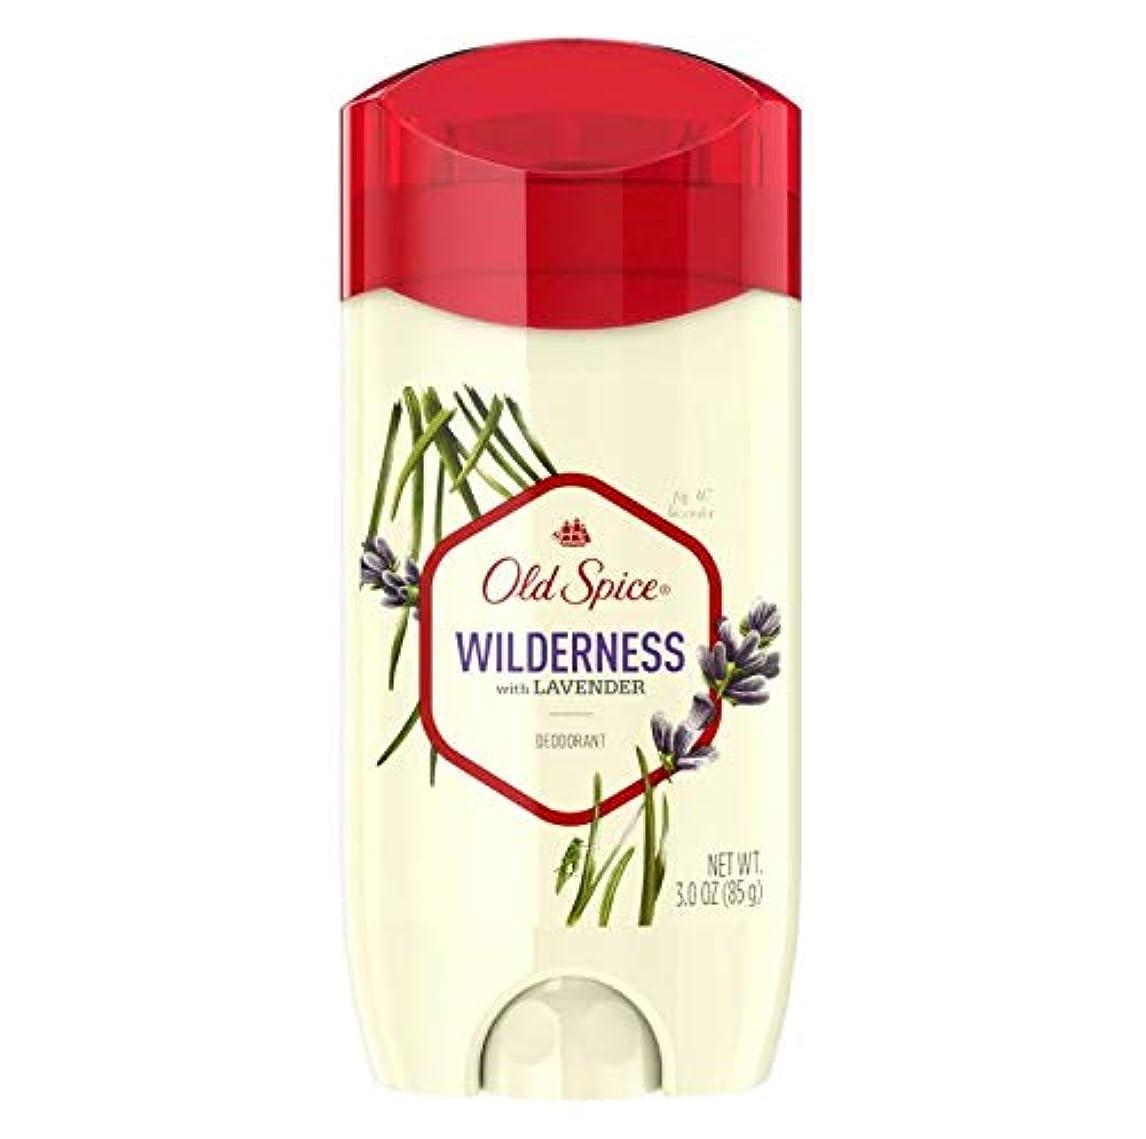 ゆりごめんなさい観光に行くOld Spice Fresher Collection Wilderness Deodorant - 3.0oz オールドスパイス フレッシャー コレクション ワイルドネス デオドラント 85g [並行輸入品]